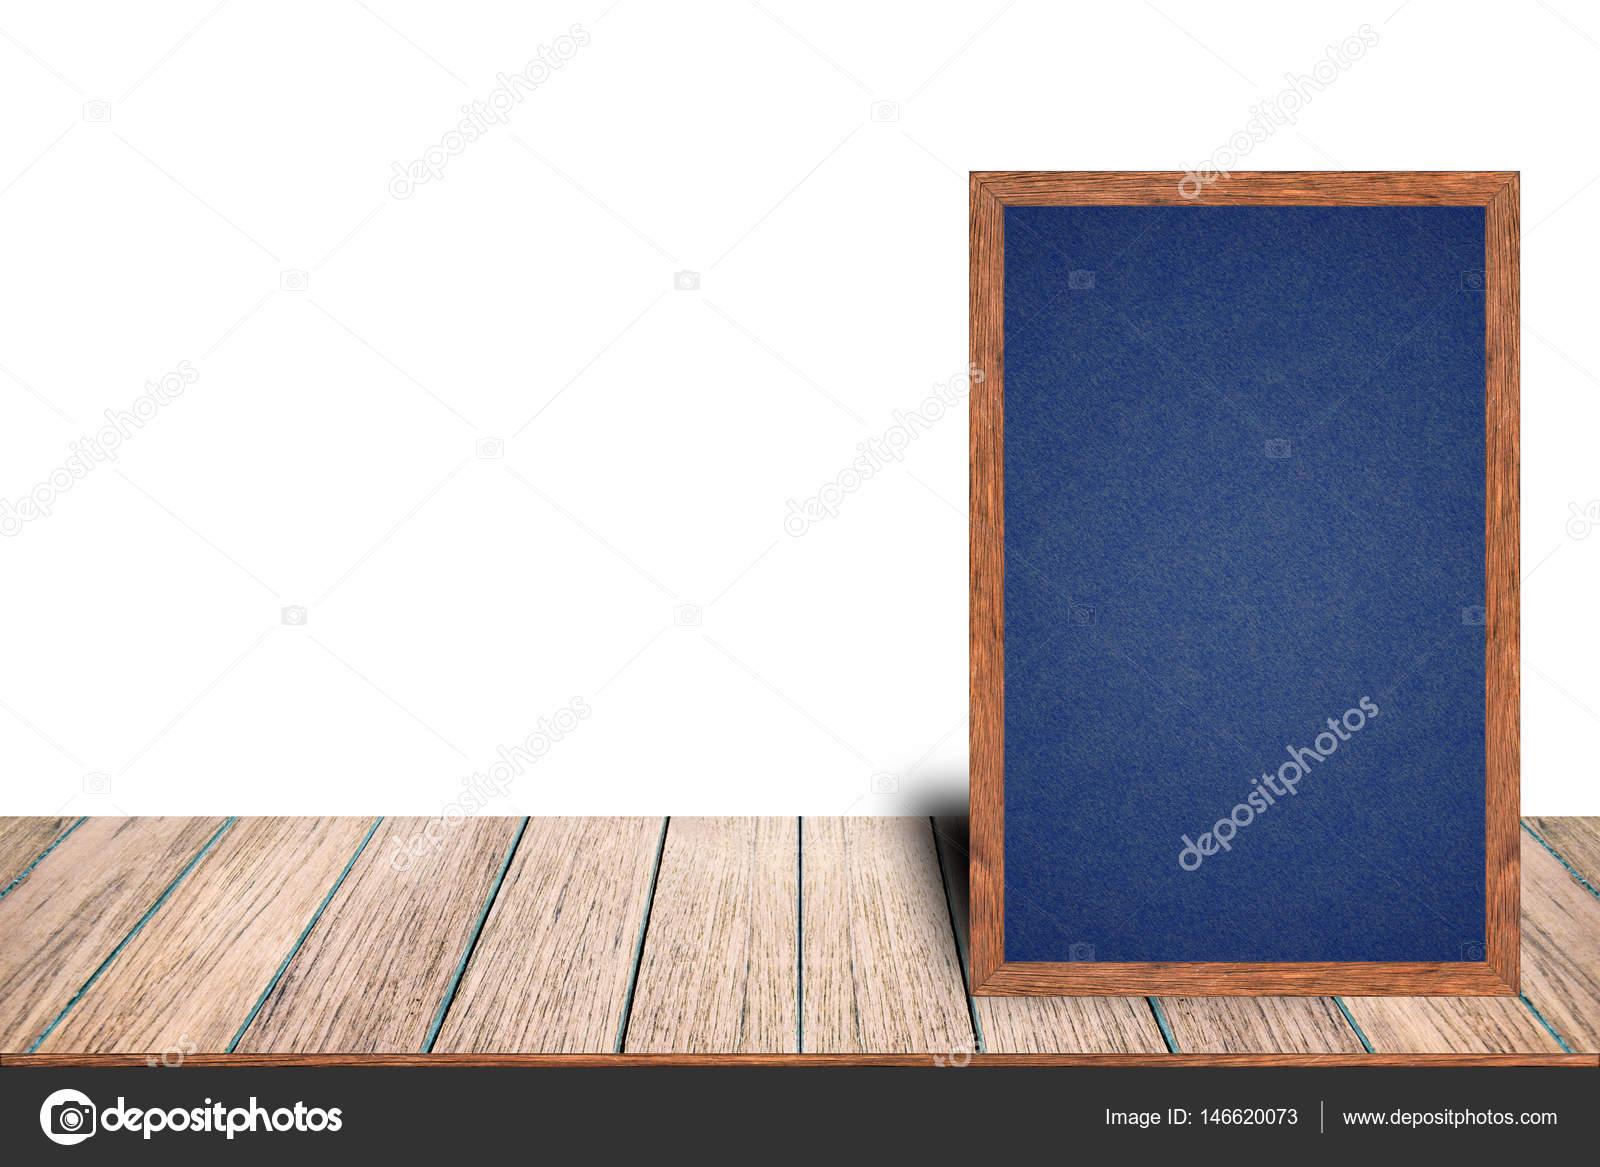 Pizarra marco madera pizarra muestra en menú mesa de madera — Fotos ...